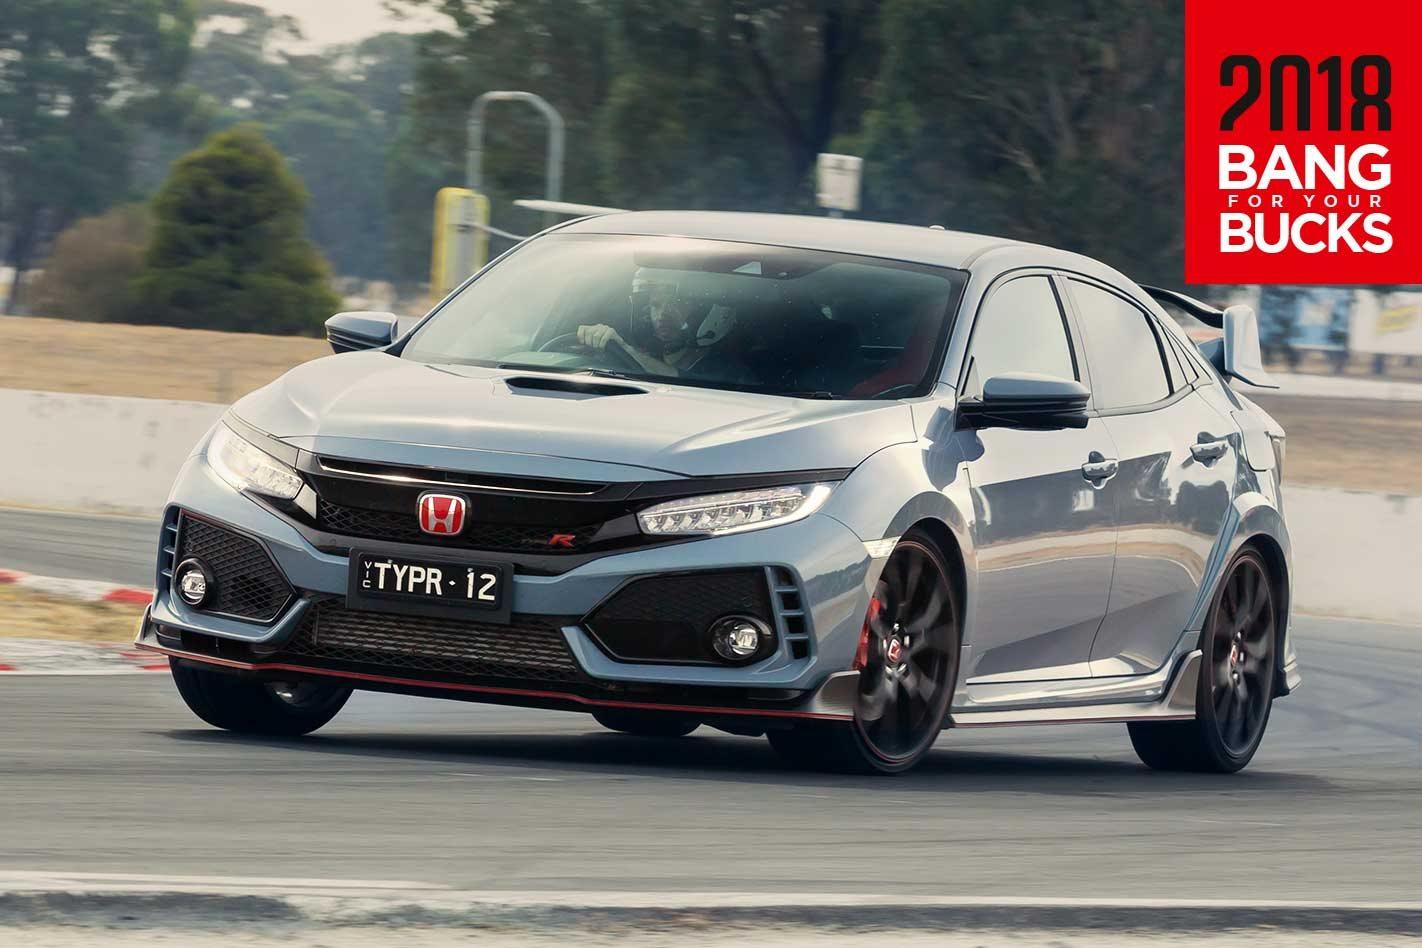 65 All New Civic Type R 2018 Gratis Terbaru